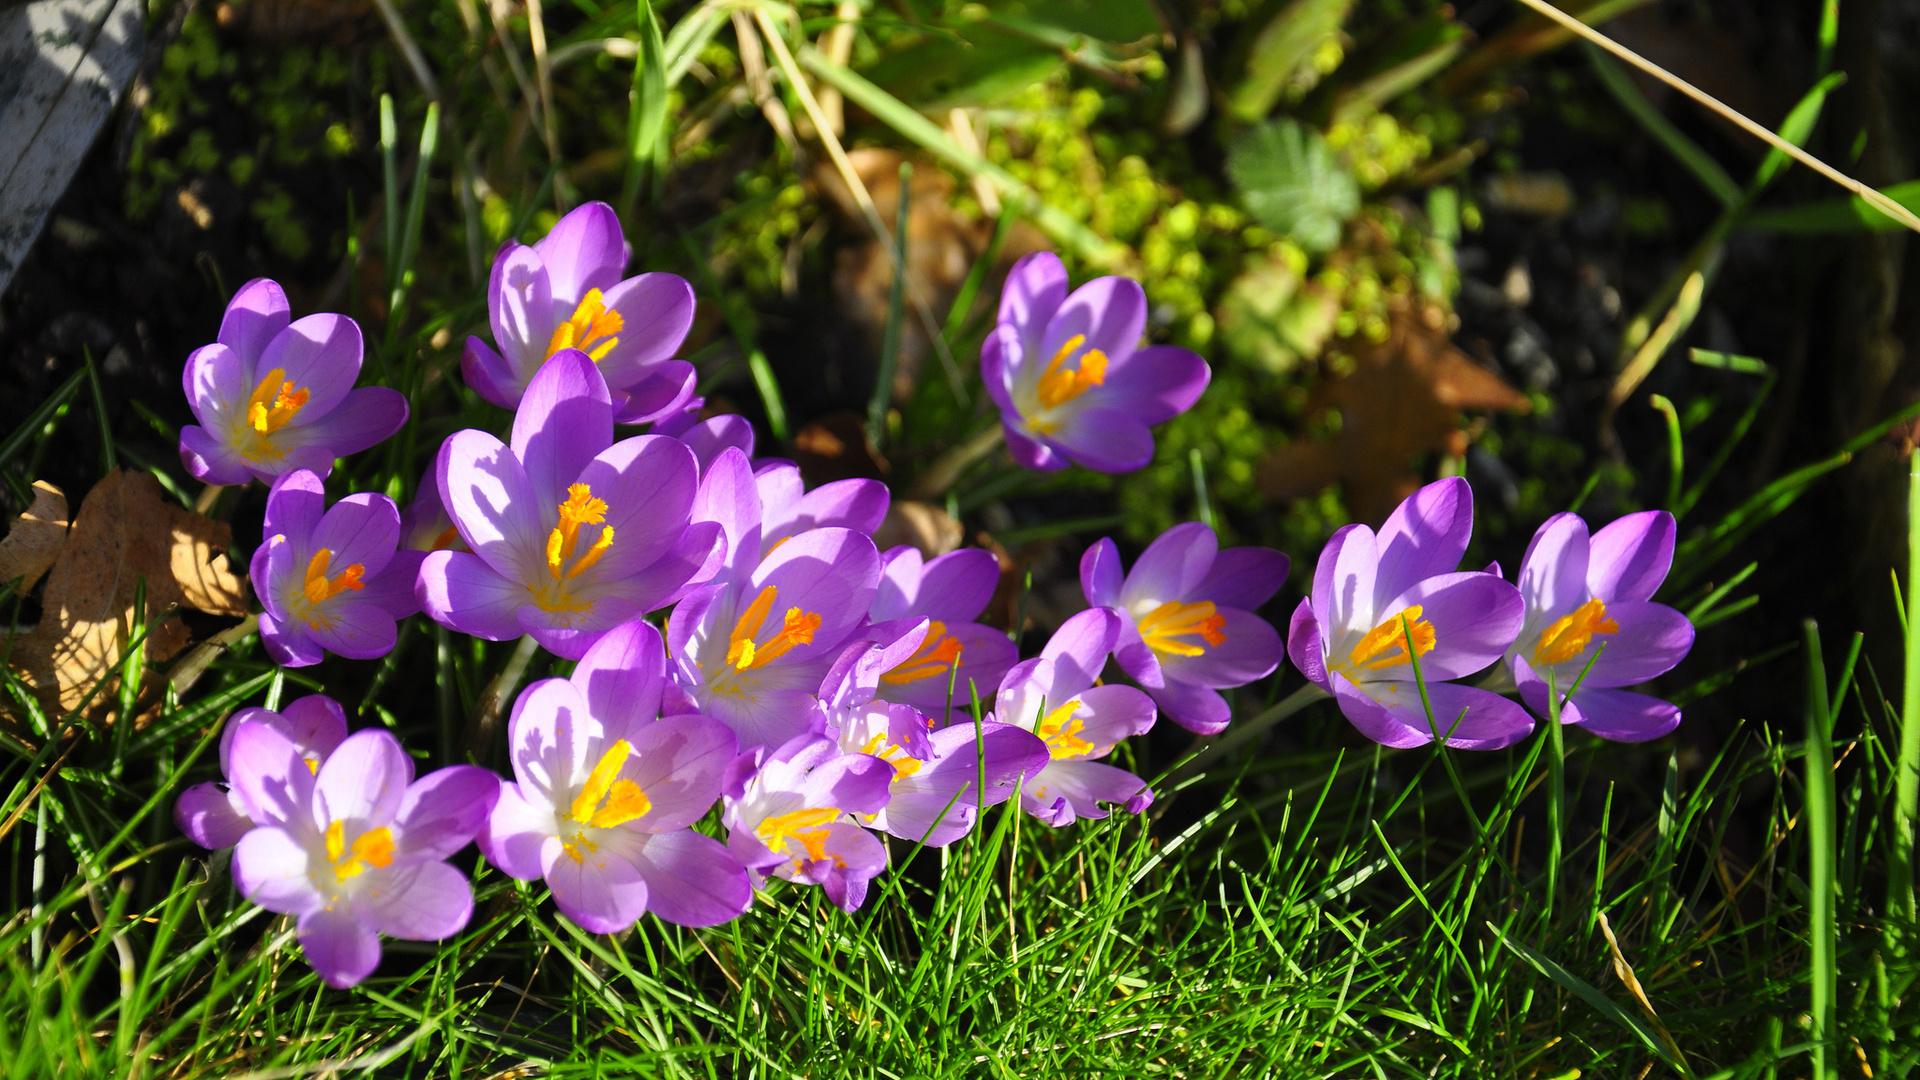 Днем, картинки на рабочий стол красивые цветы весна